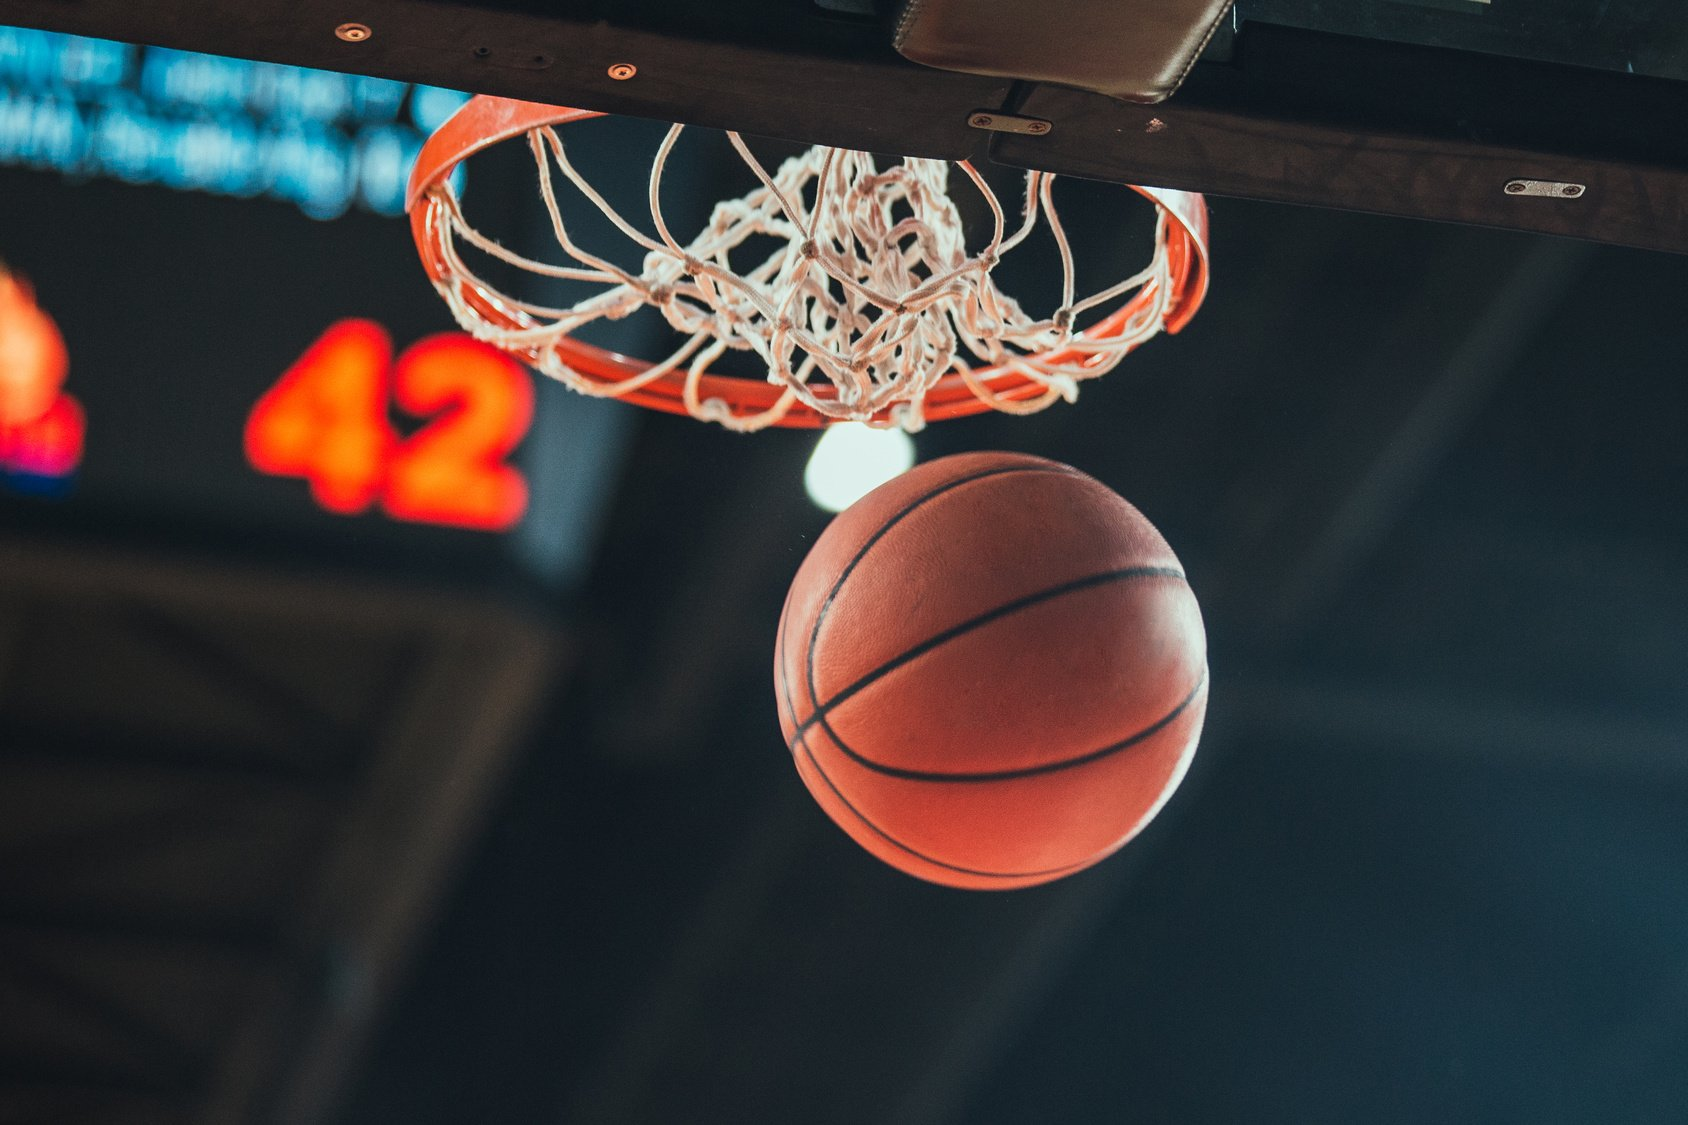 ball going through a net